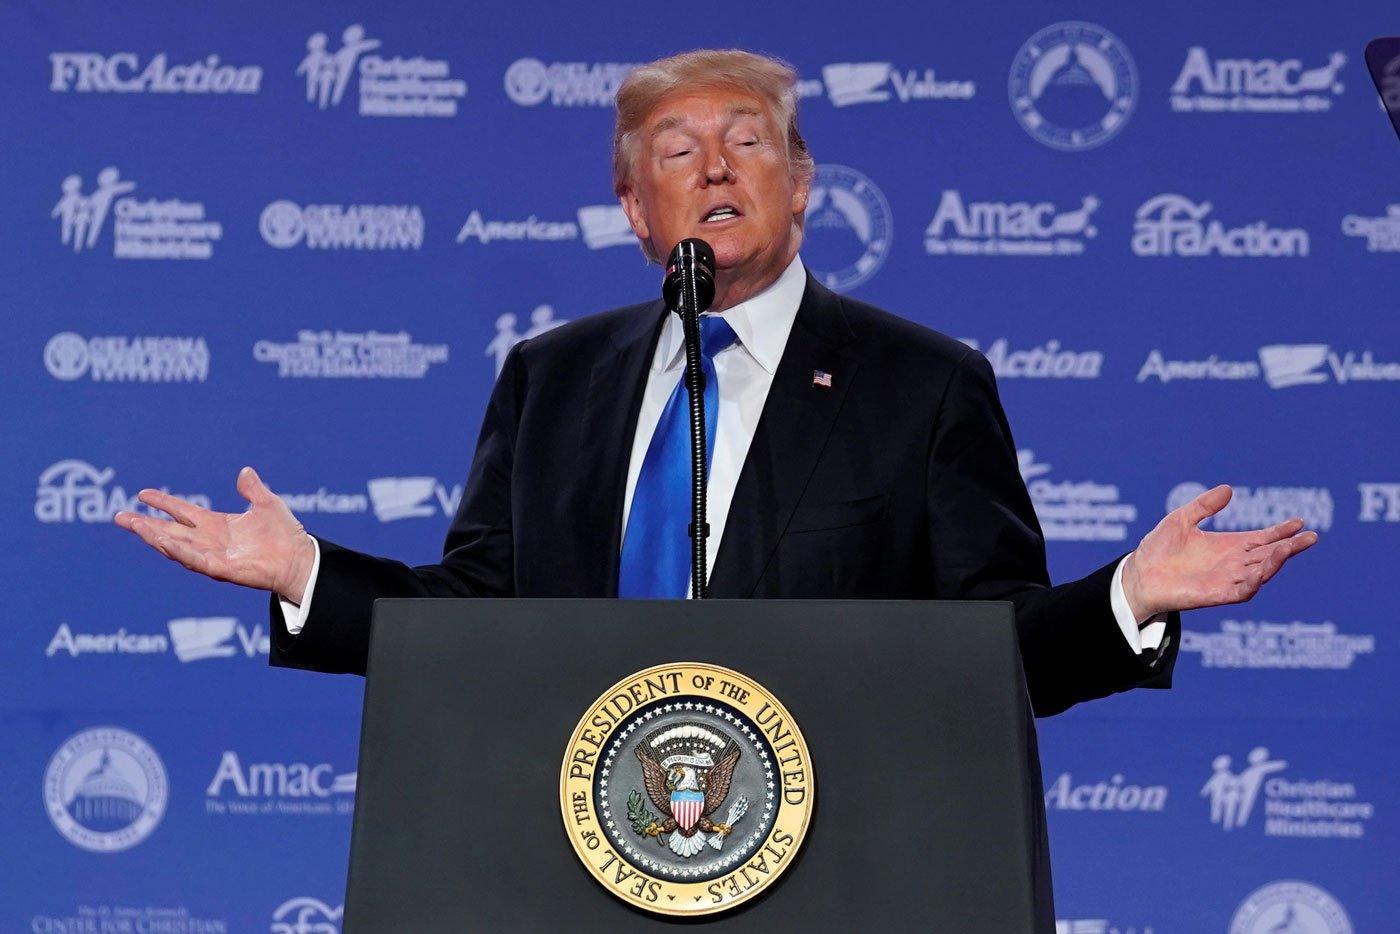 El presidente de Estados Unidos, Donald Trump, habla en un encuentro político en Washington. 13 de octubre 2017. REUTERS/Yuri Gripas